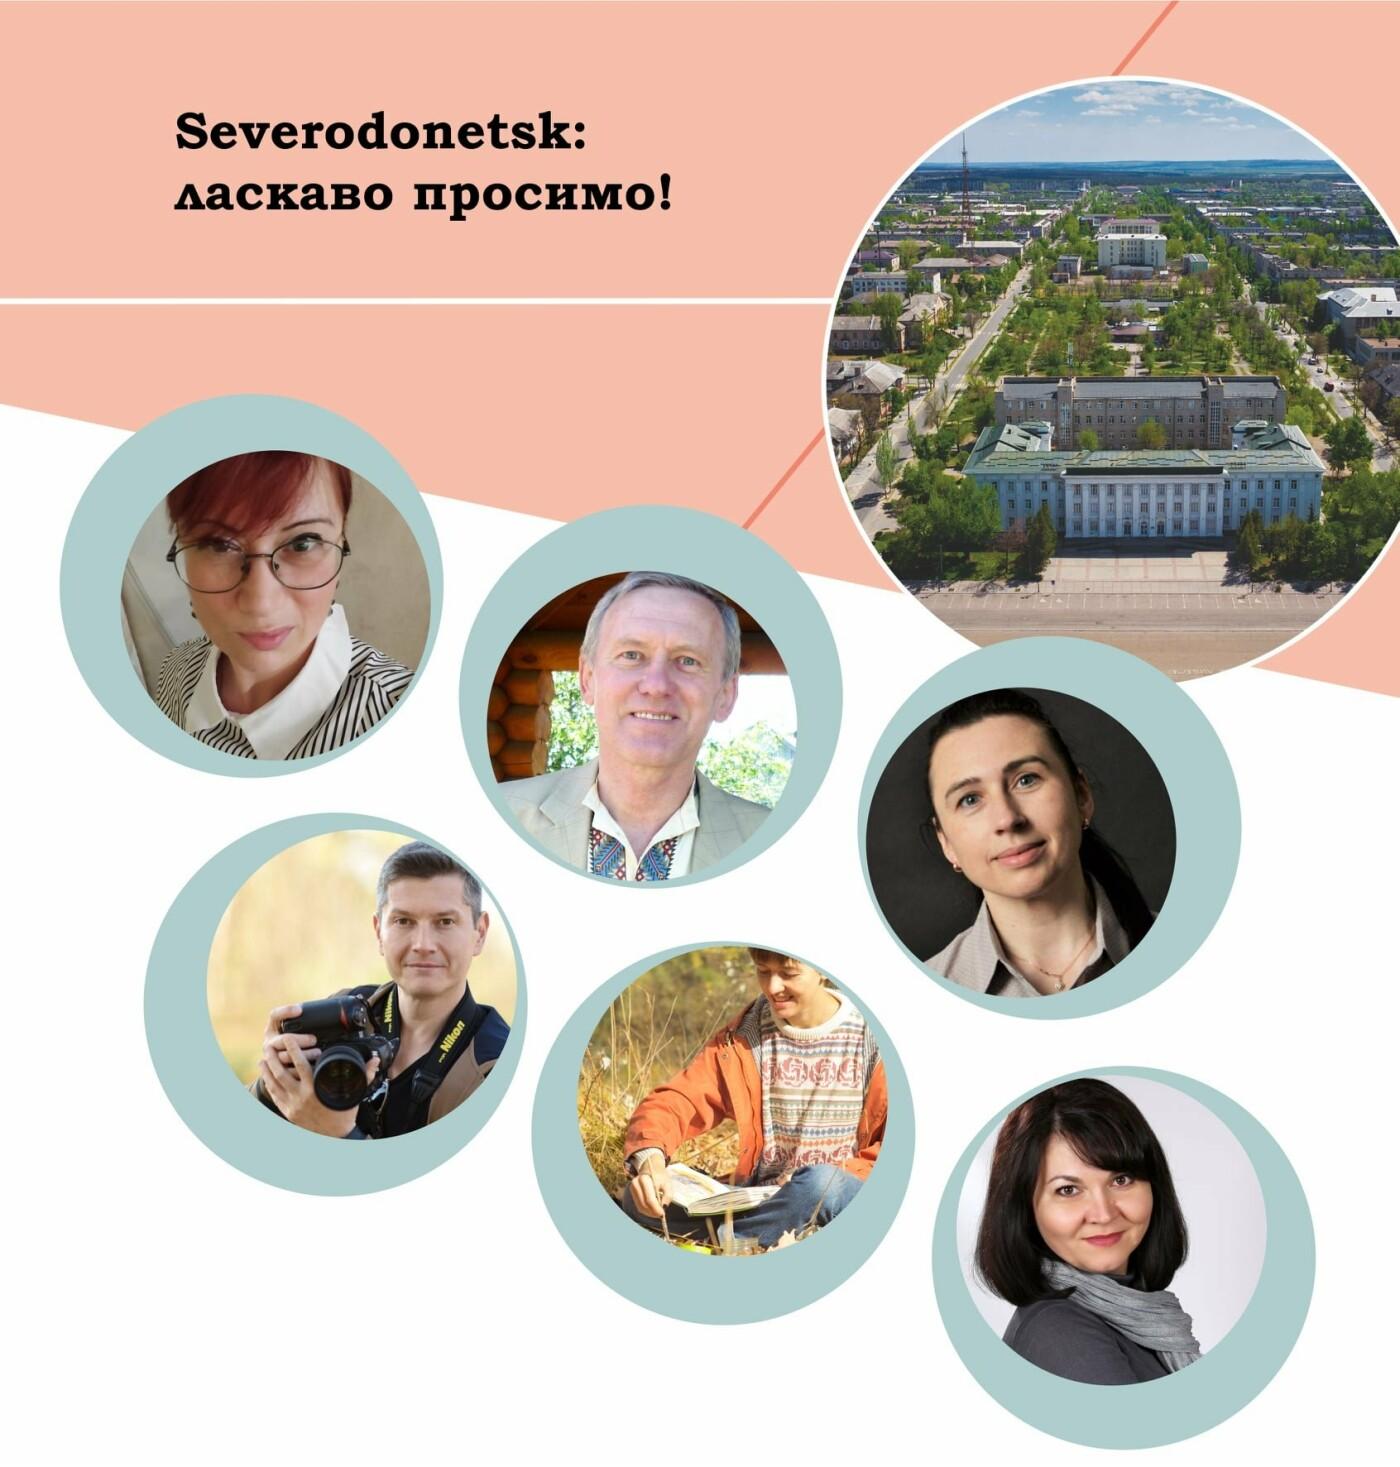 В Северодонецке появился туристический путеводитель , фото-3